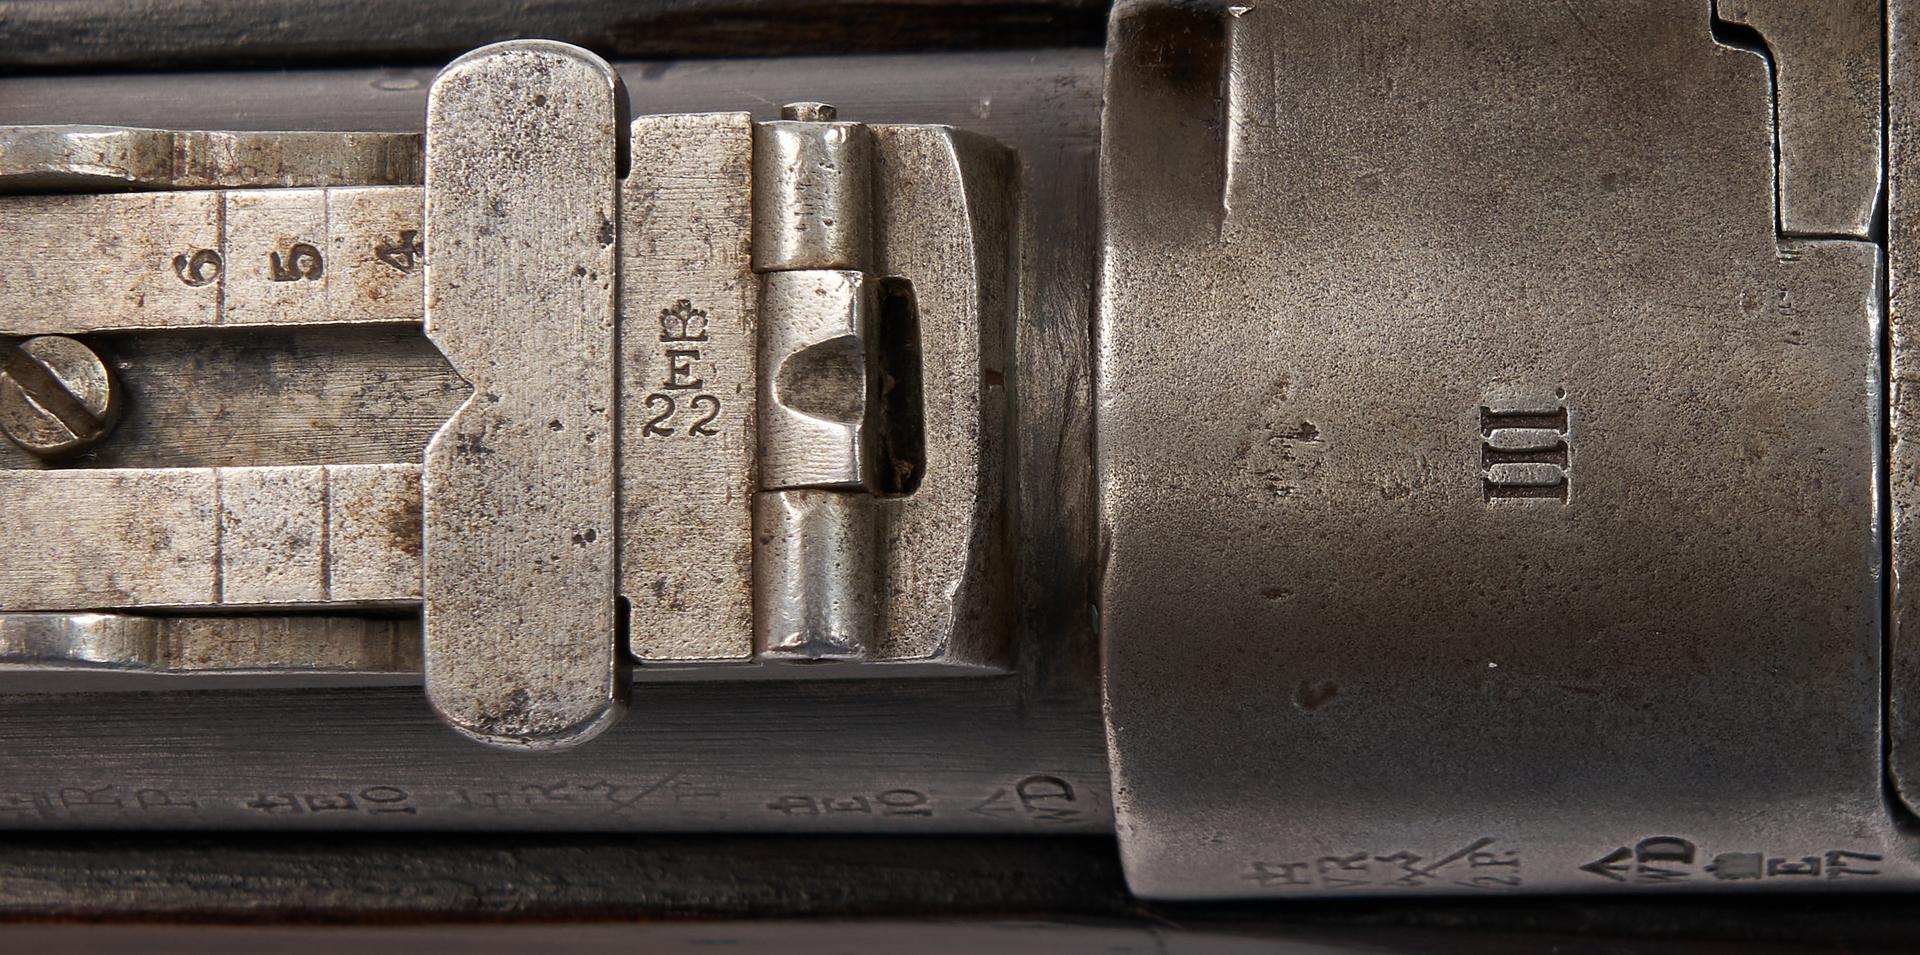 Lot 699: British Enfield-Snider Model 1870 Carbine, .577 Caliber